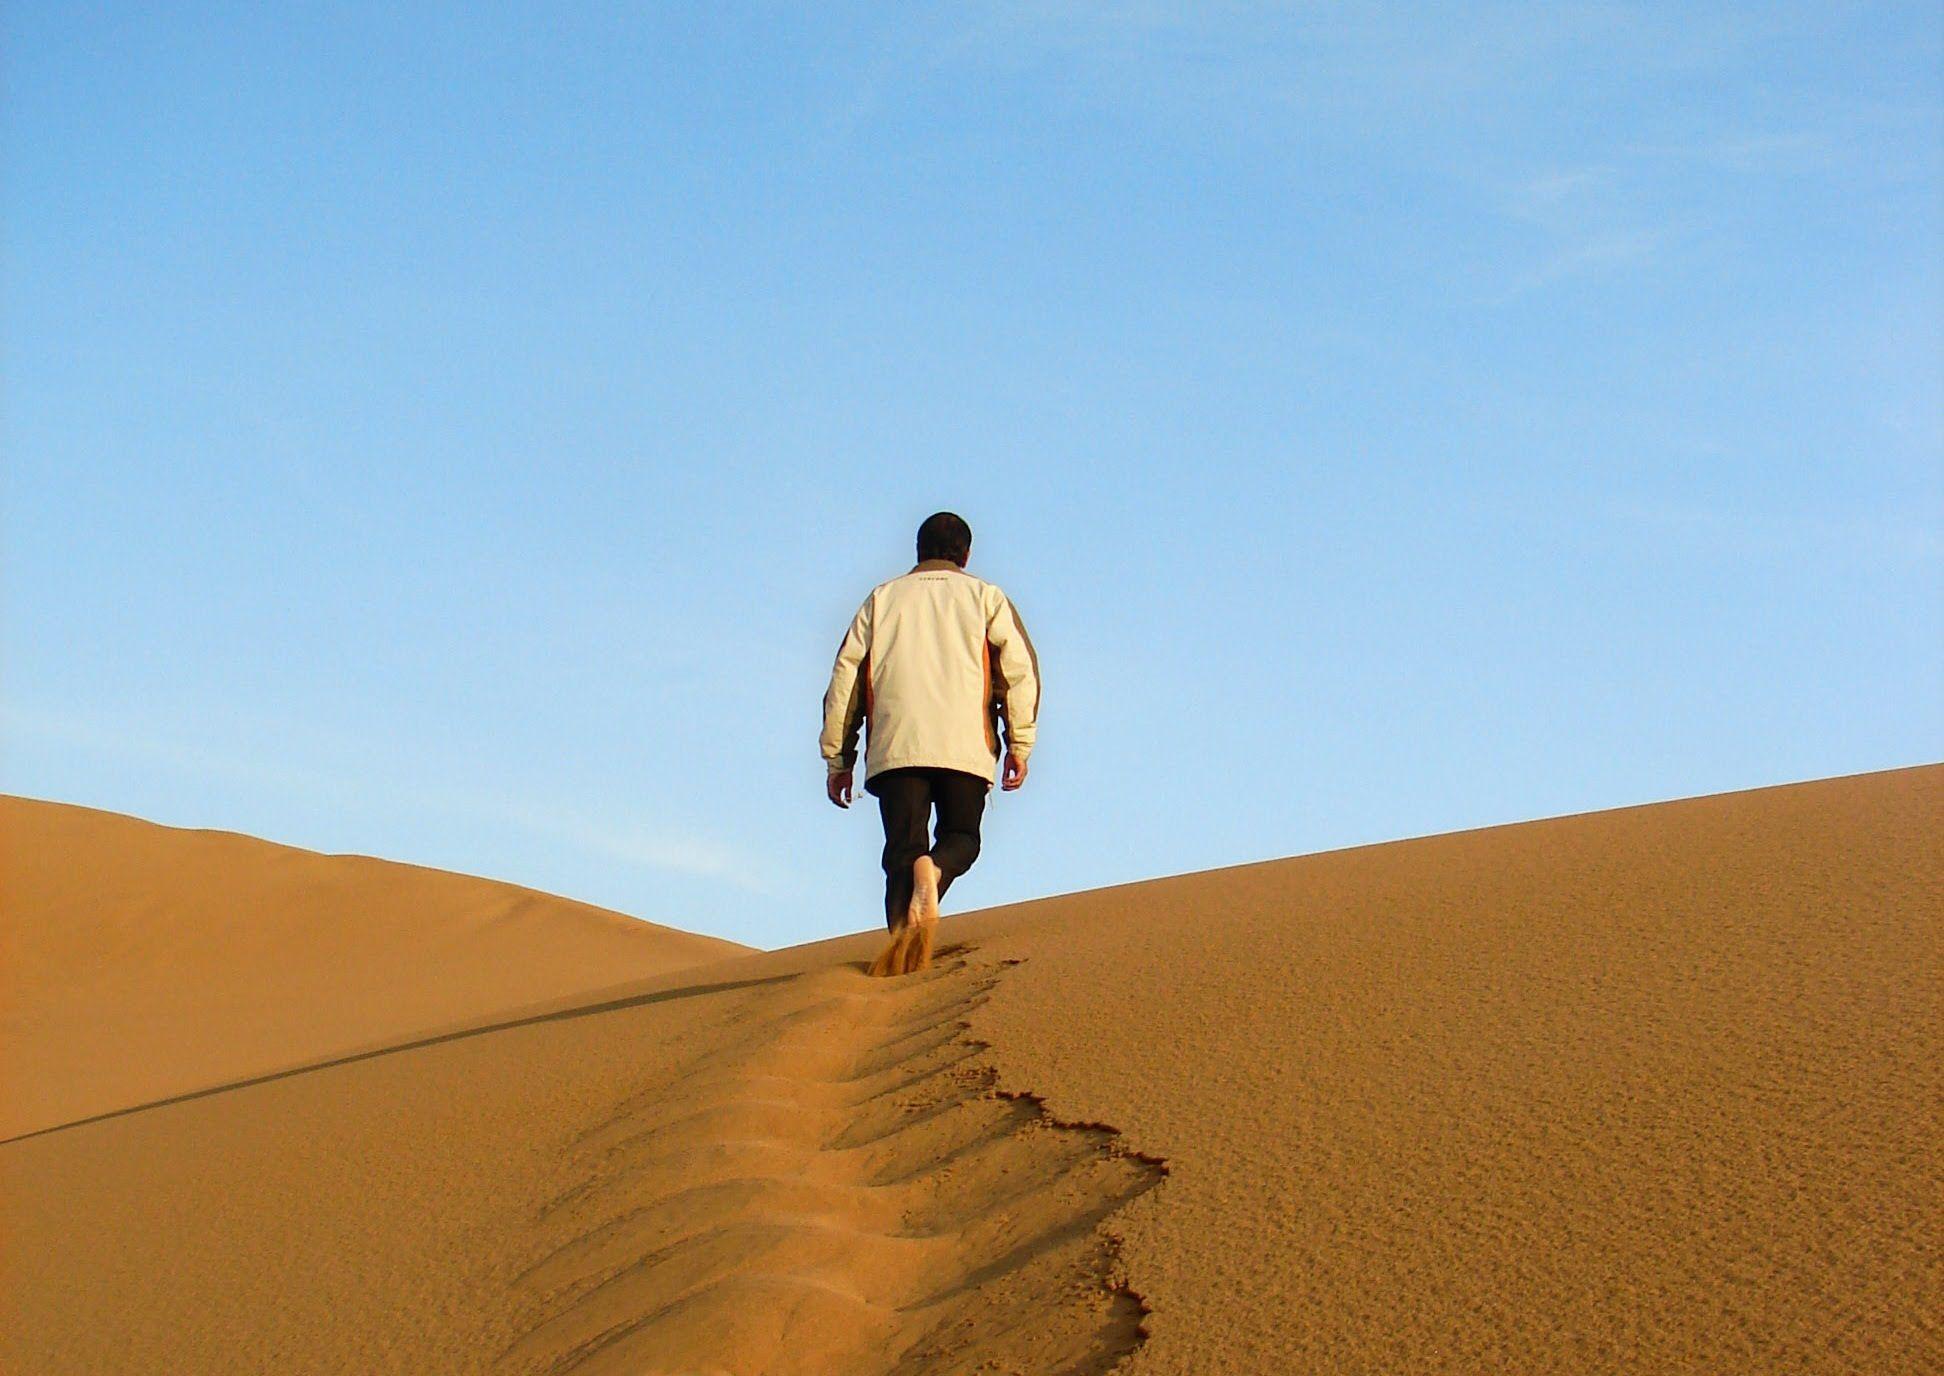 تفسير حلم المشي فى الصحراء فى المنام Outdoor Outdoor Blanket Beach